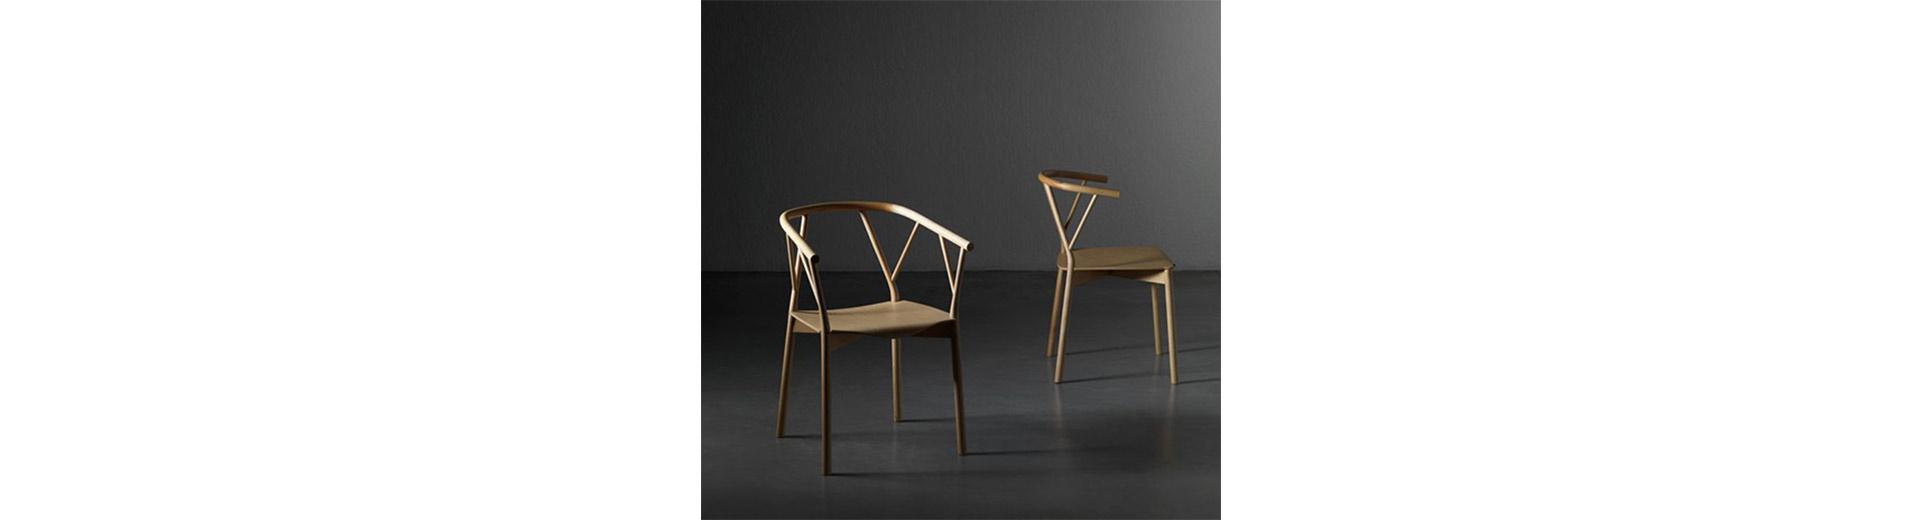 Valerie-Chair-Slide